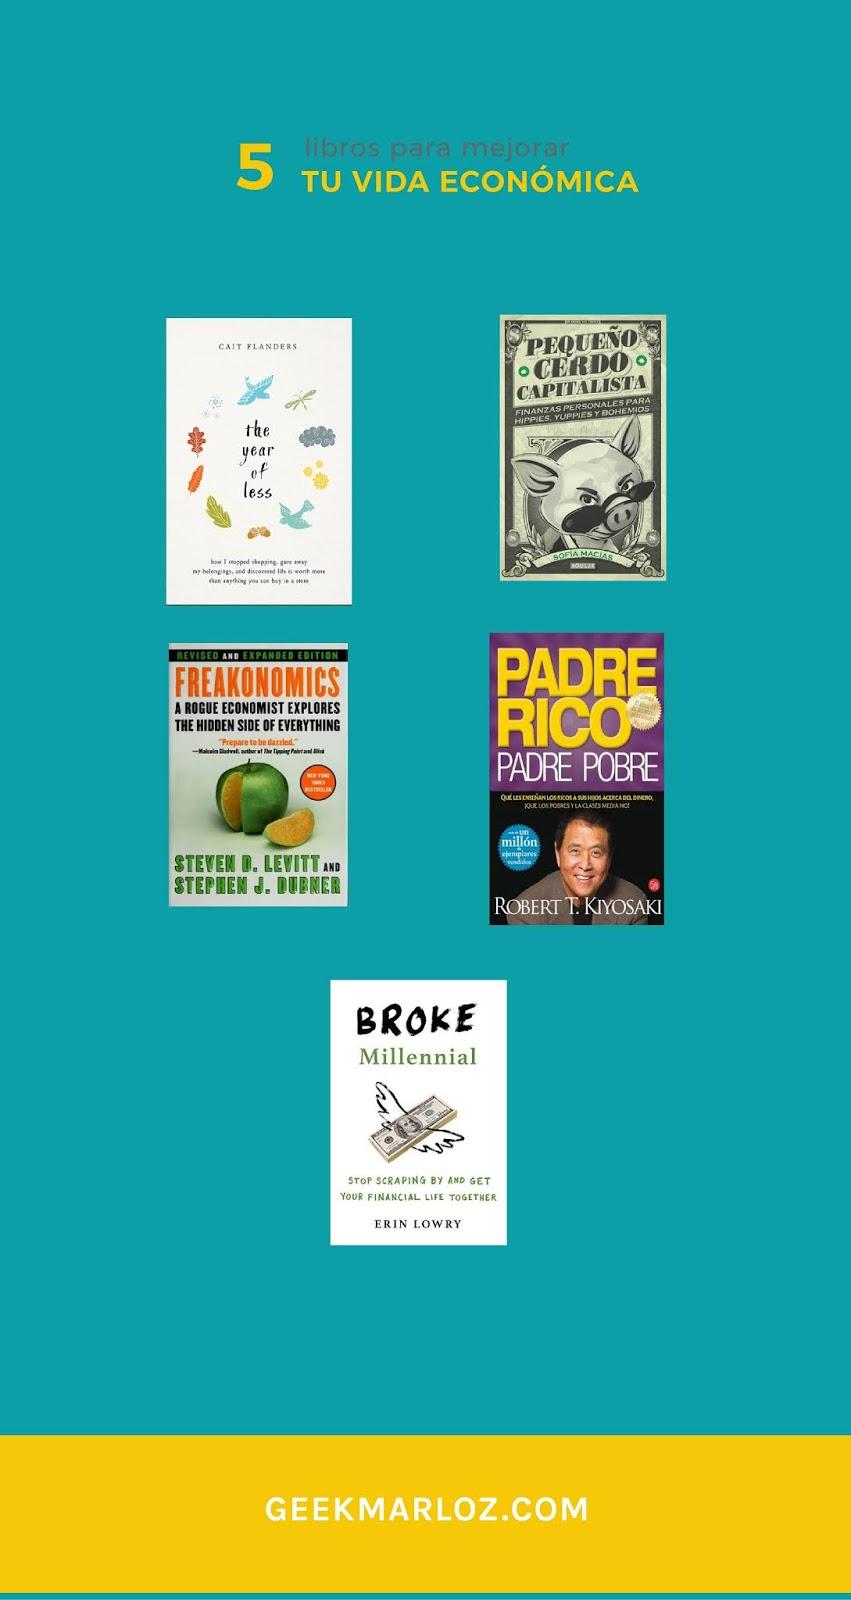 5 libros para mejorar tu vida económica